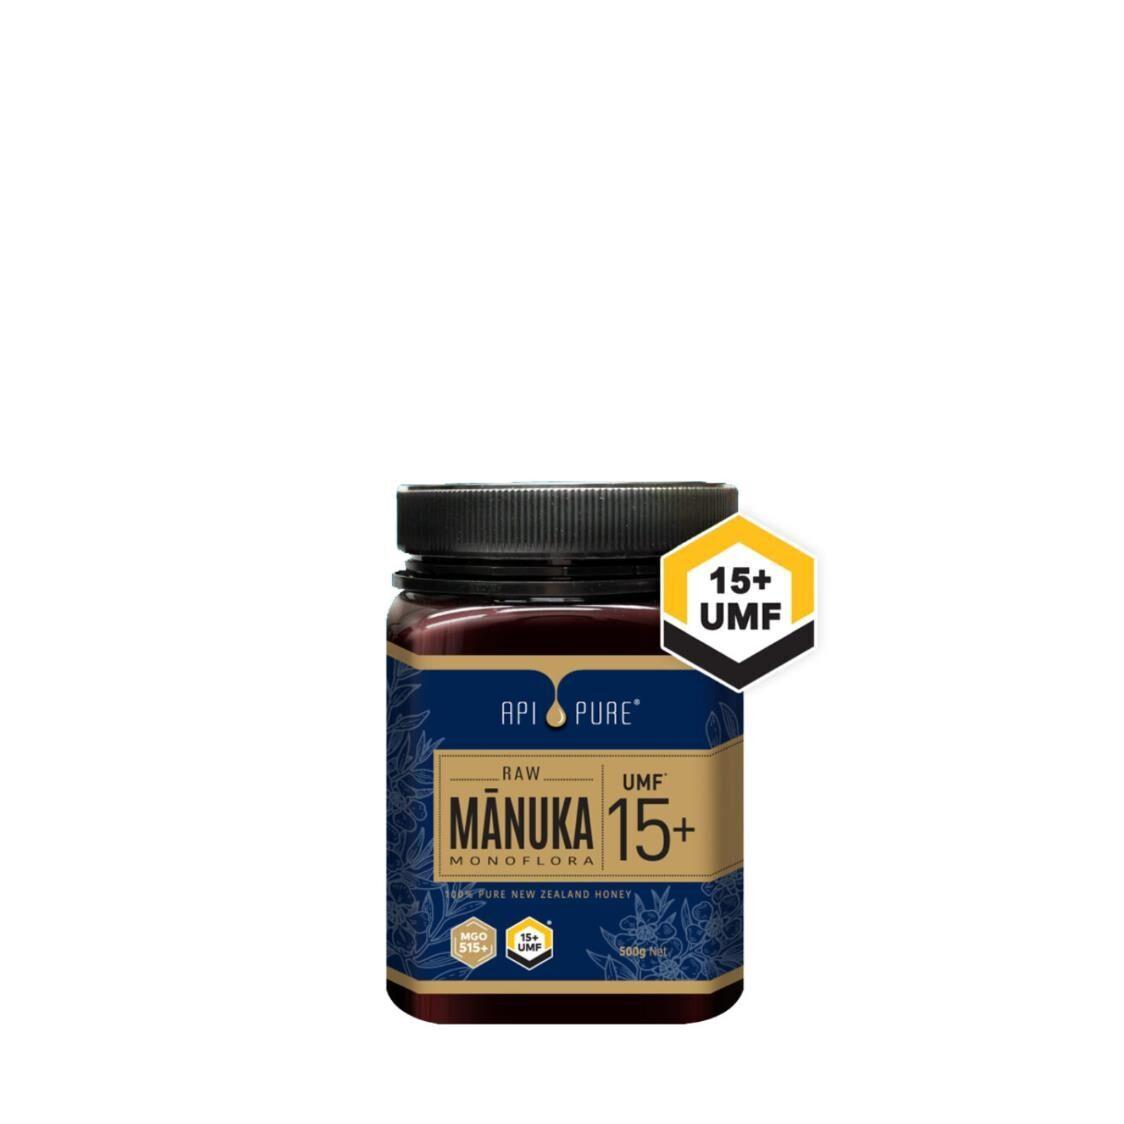 Apipure Raw Manuka UMF15 500g